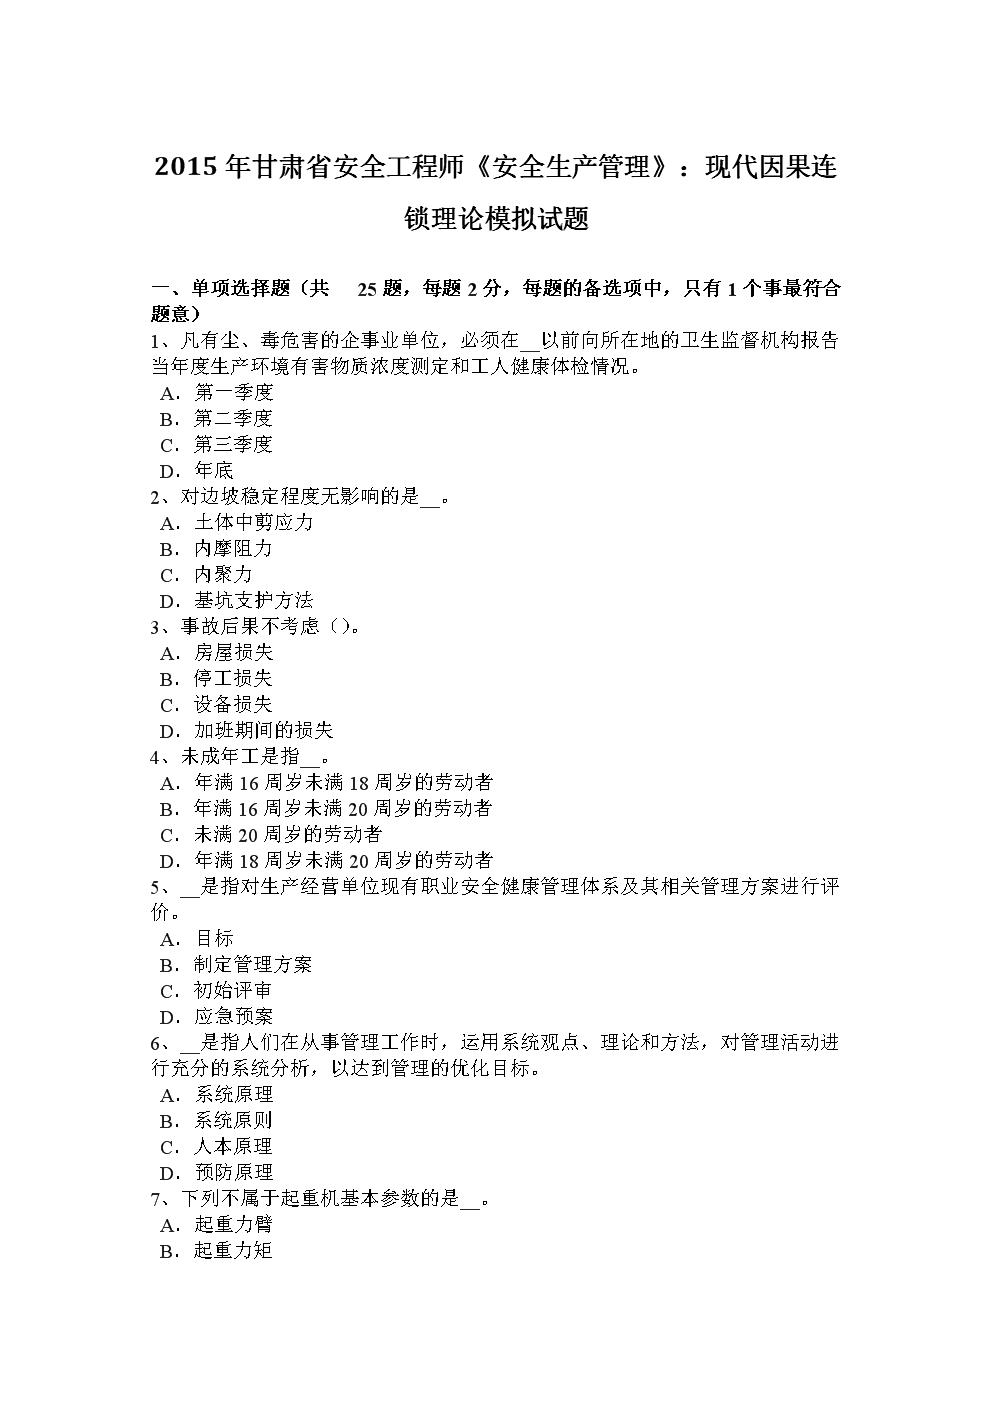 2015年甘肃省安全工程师《安全生产管理》现代因果连锁理论模拟练习题.docx